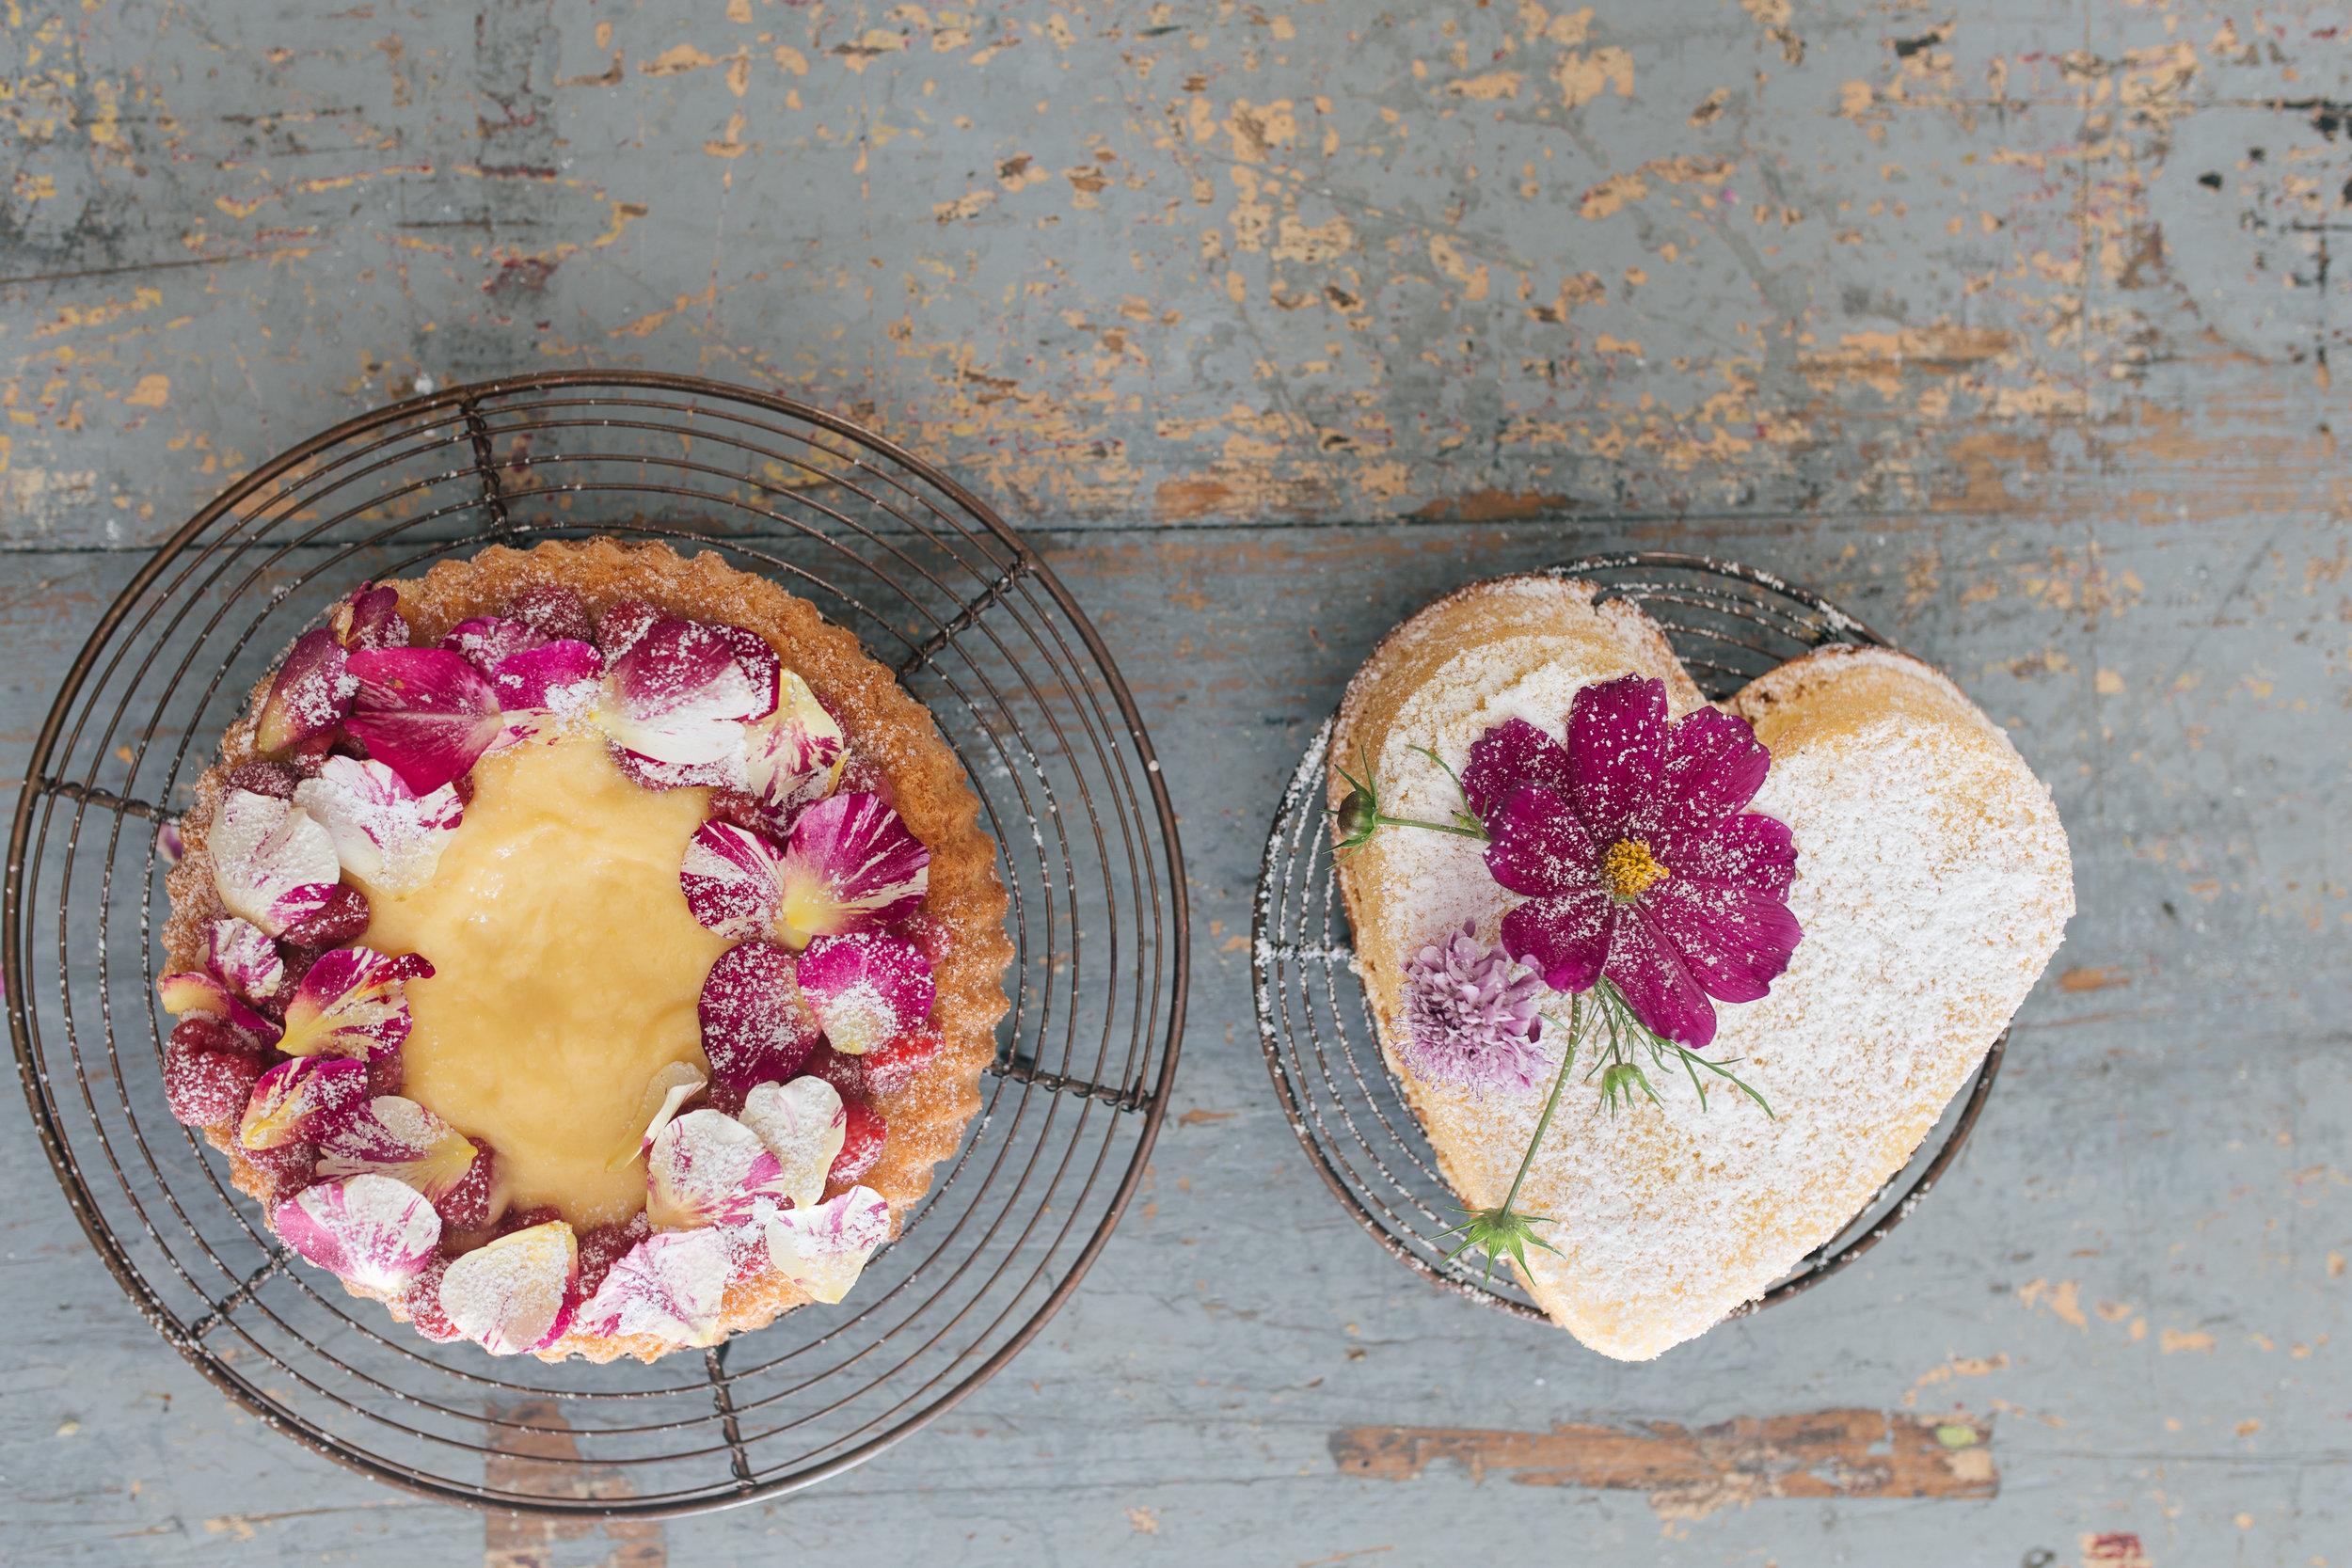 Lemon curd tart and sponge cake